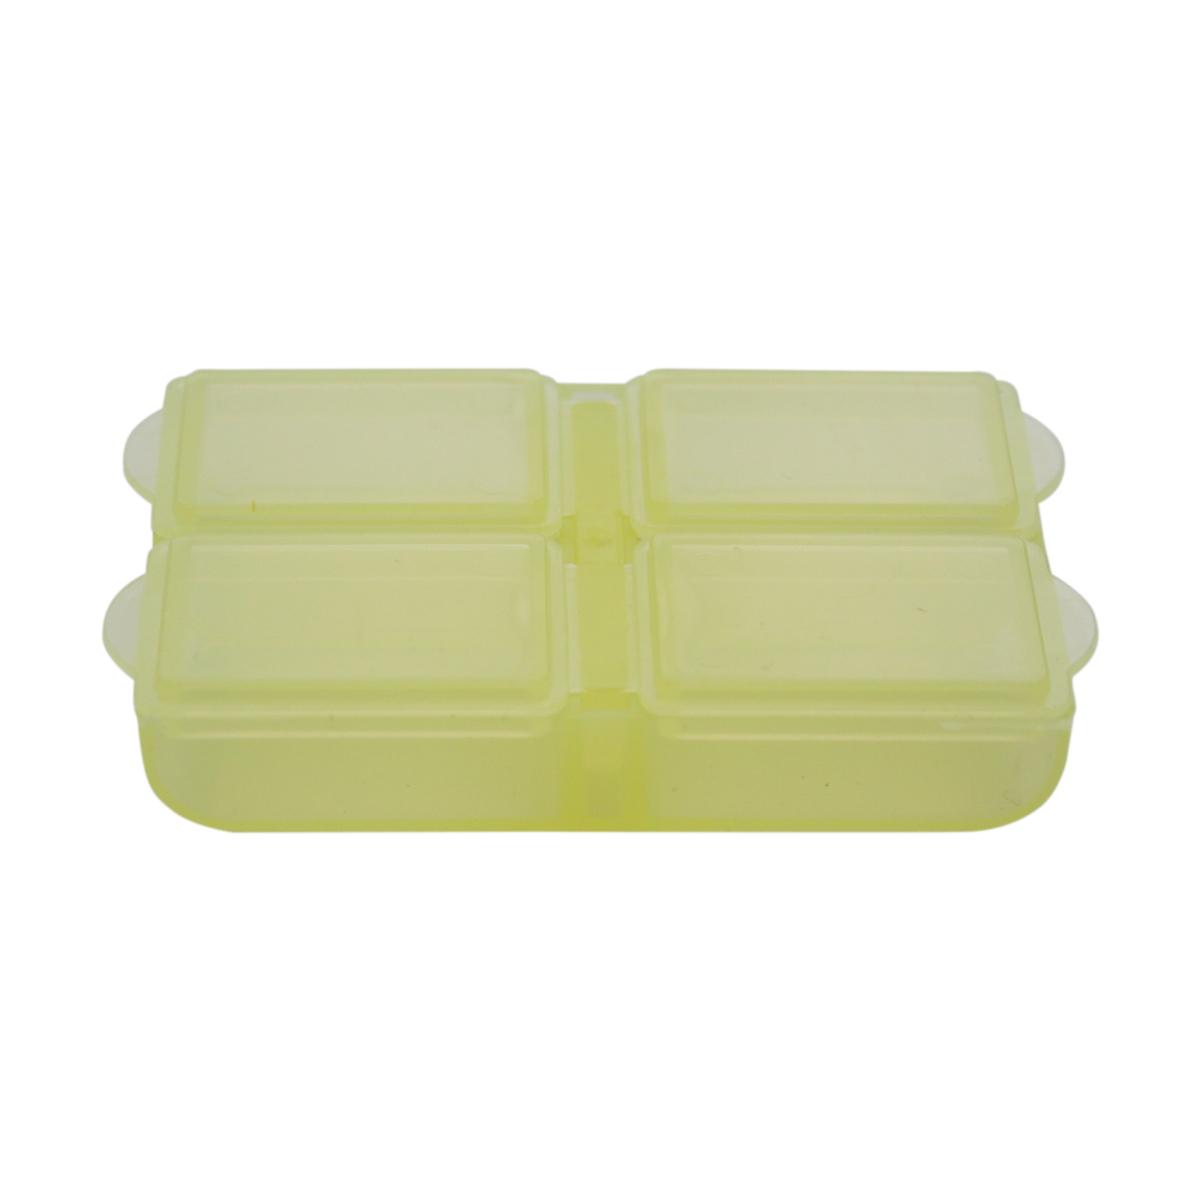 Контейнер для мелочей Trivol, цвет: желтый, 6,4 x 4,4 x 1,8 см498116_ желтыйКонтейнеры для мелочей идеально подойдут для хранения швейных принадлежностей (ниток, бисера, бусин и другого). Выполнены в разных цветовых вариантах.